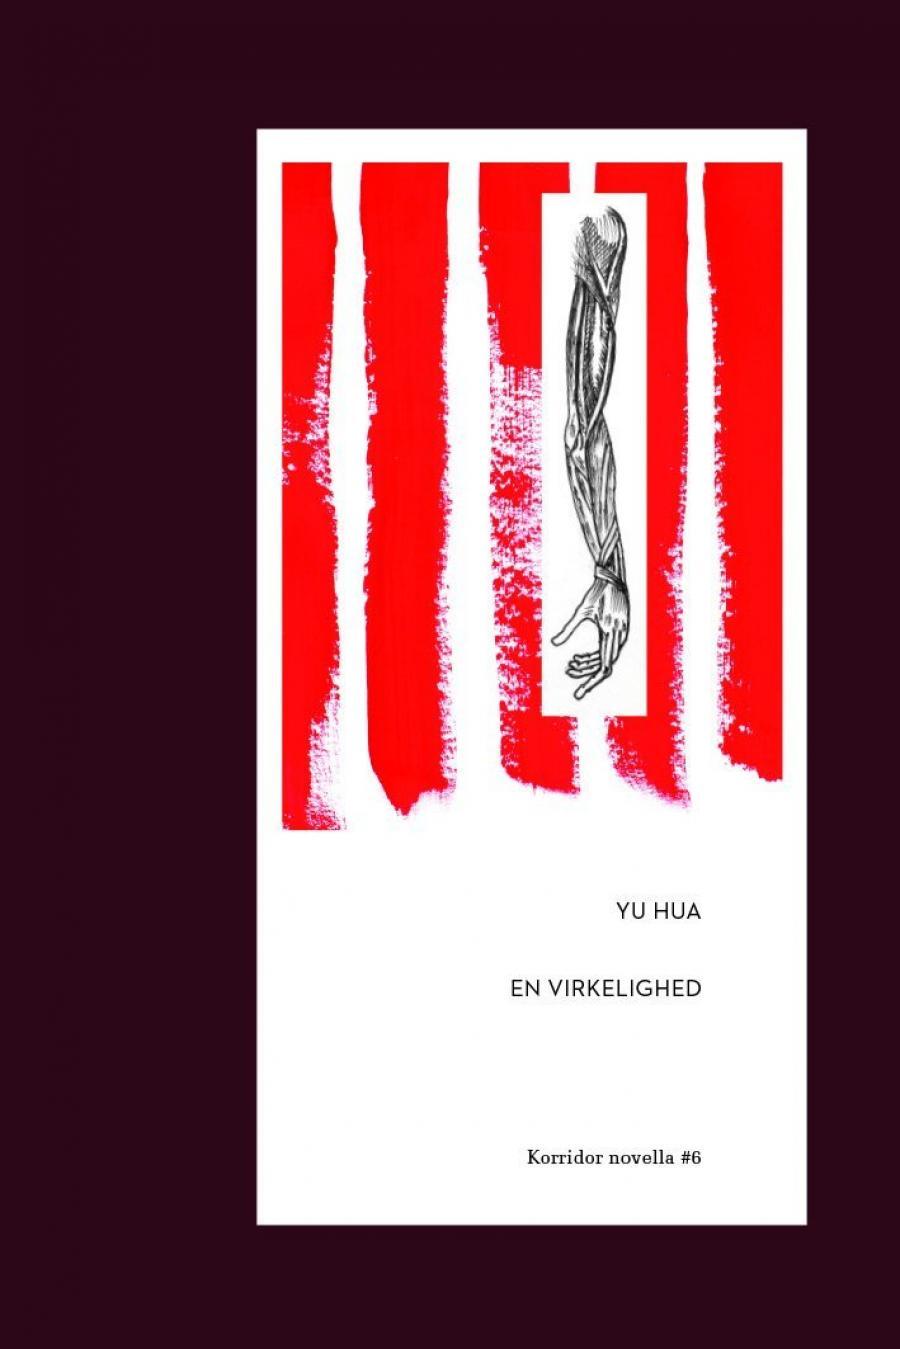 Billede af bogen En virkelighed af Yu Hua